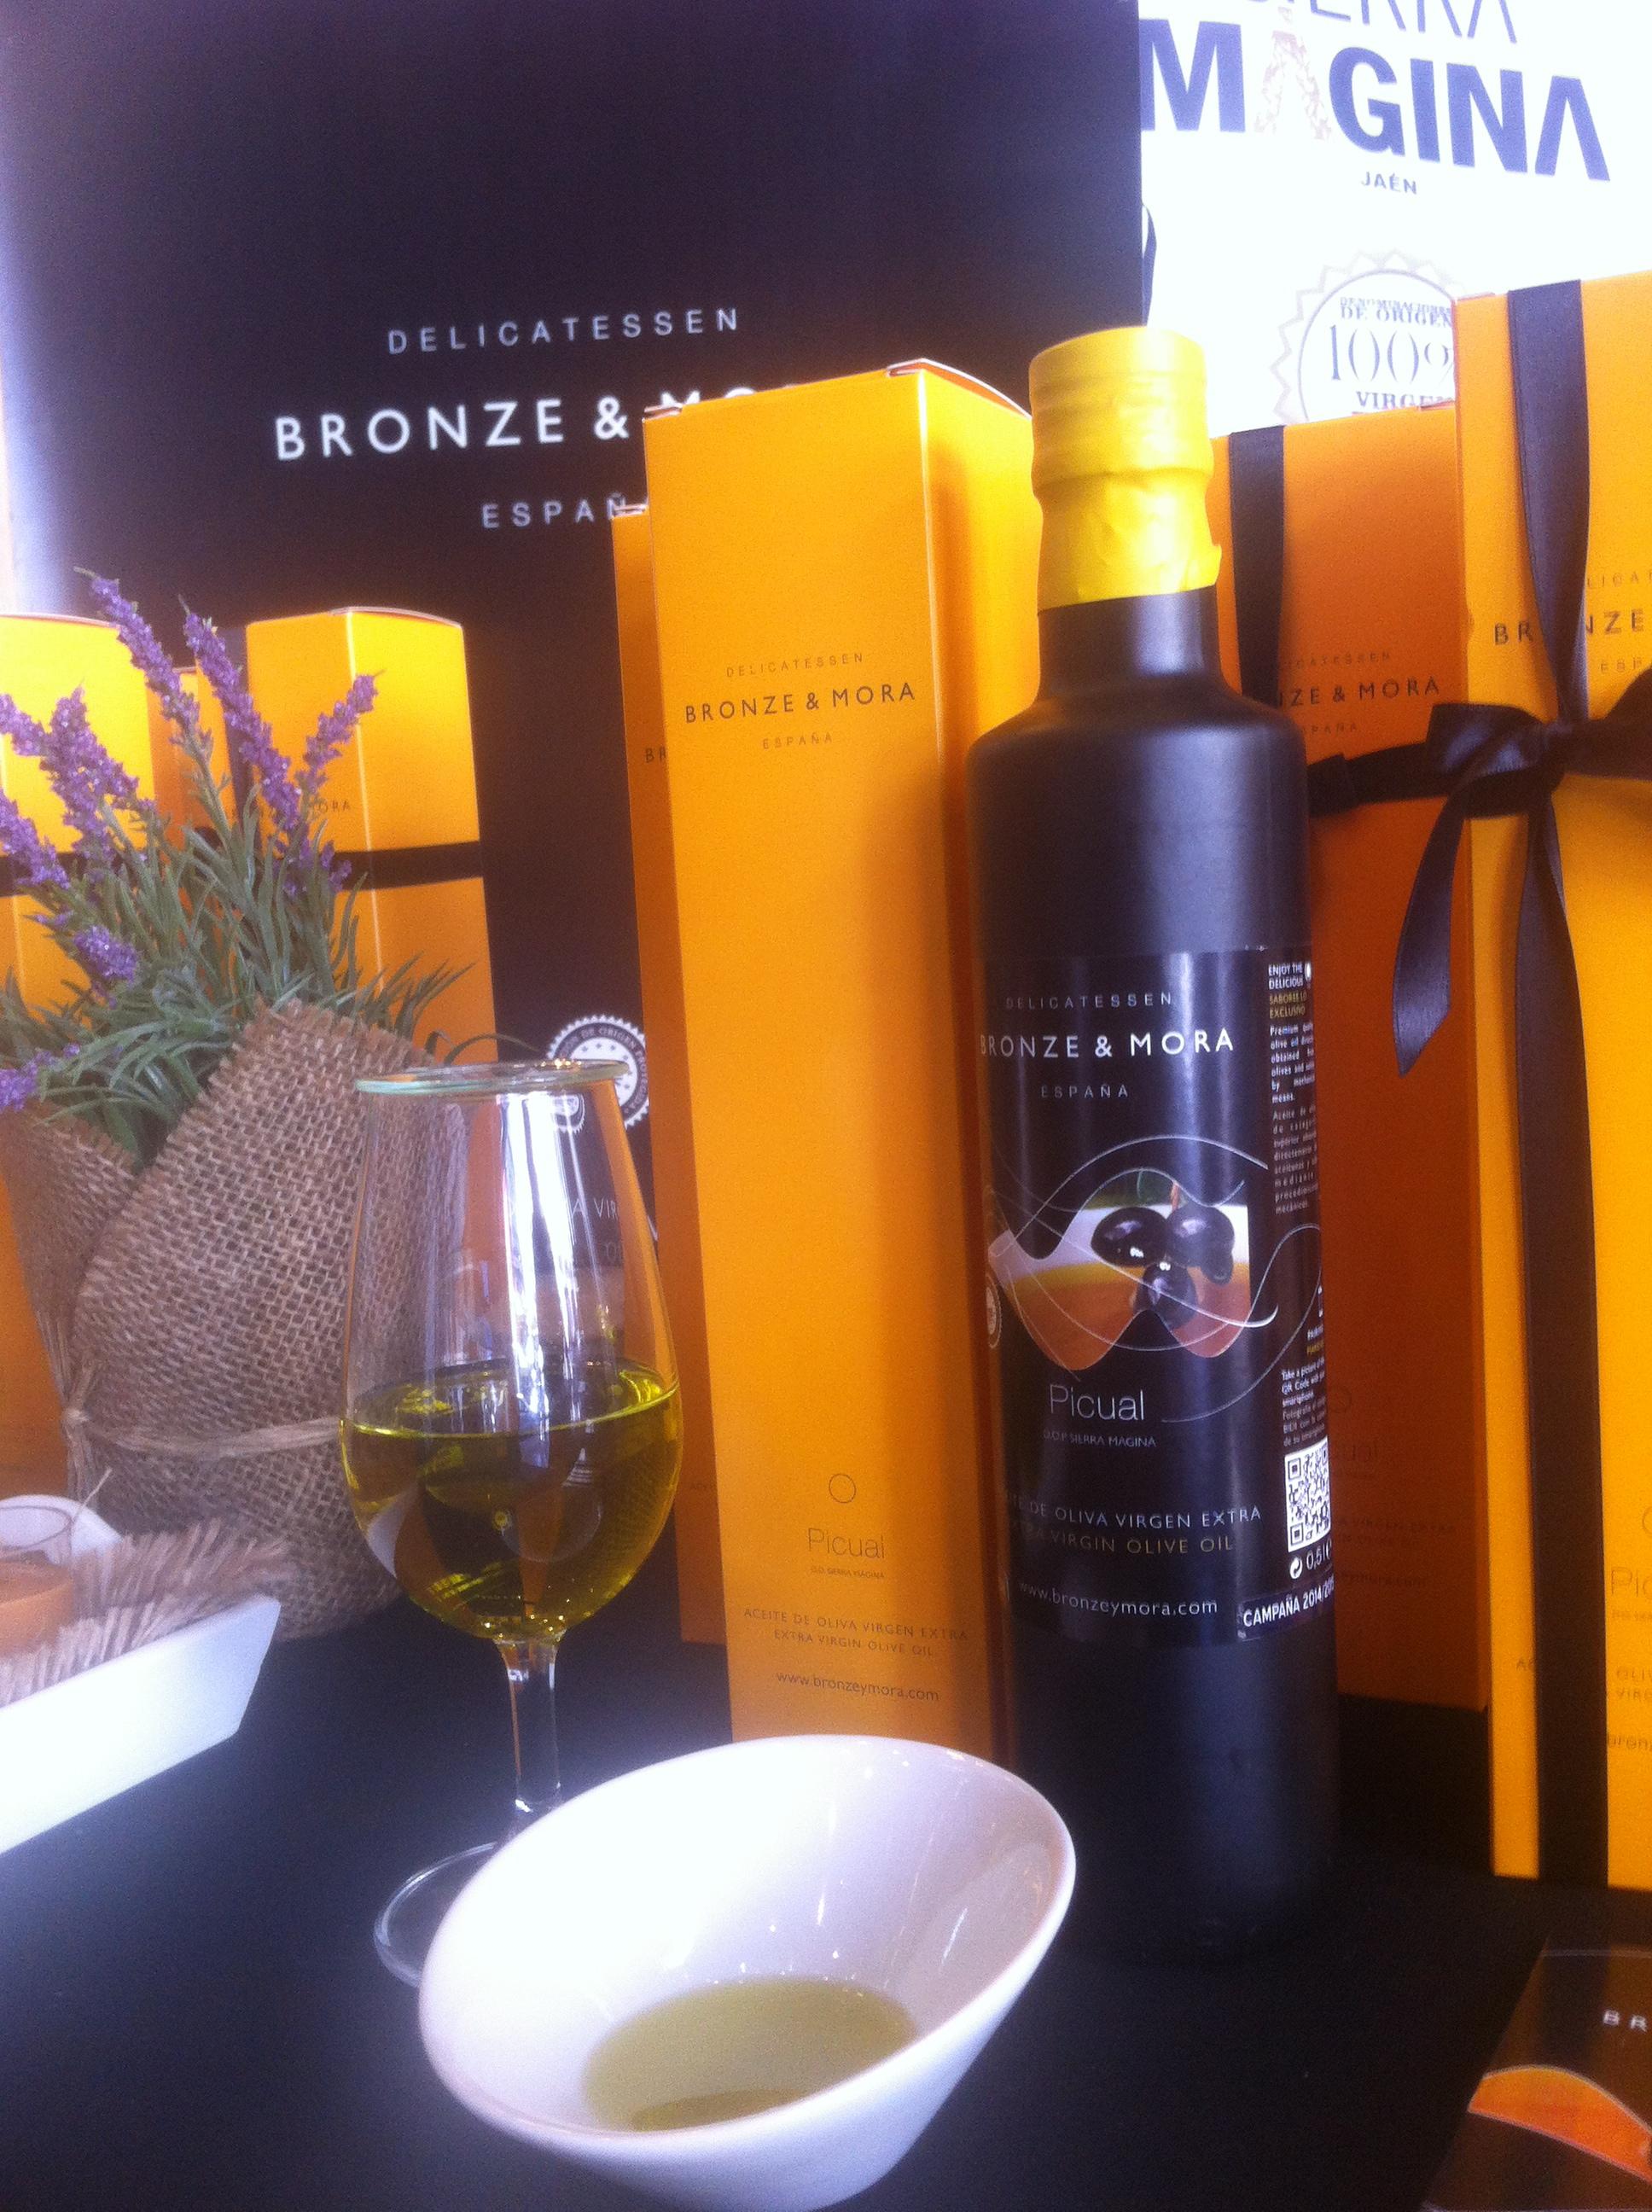 Aceite-de-oliva-para-regalar--en-el-mercado-de-San-Anton-y-DOP-Sierra-Magina-Bronze-&-Mora-aove-para-cuidar-la-salud-exclusivos-estuches-de-regalo-con-virgen-extra